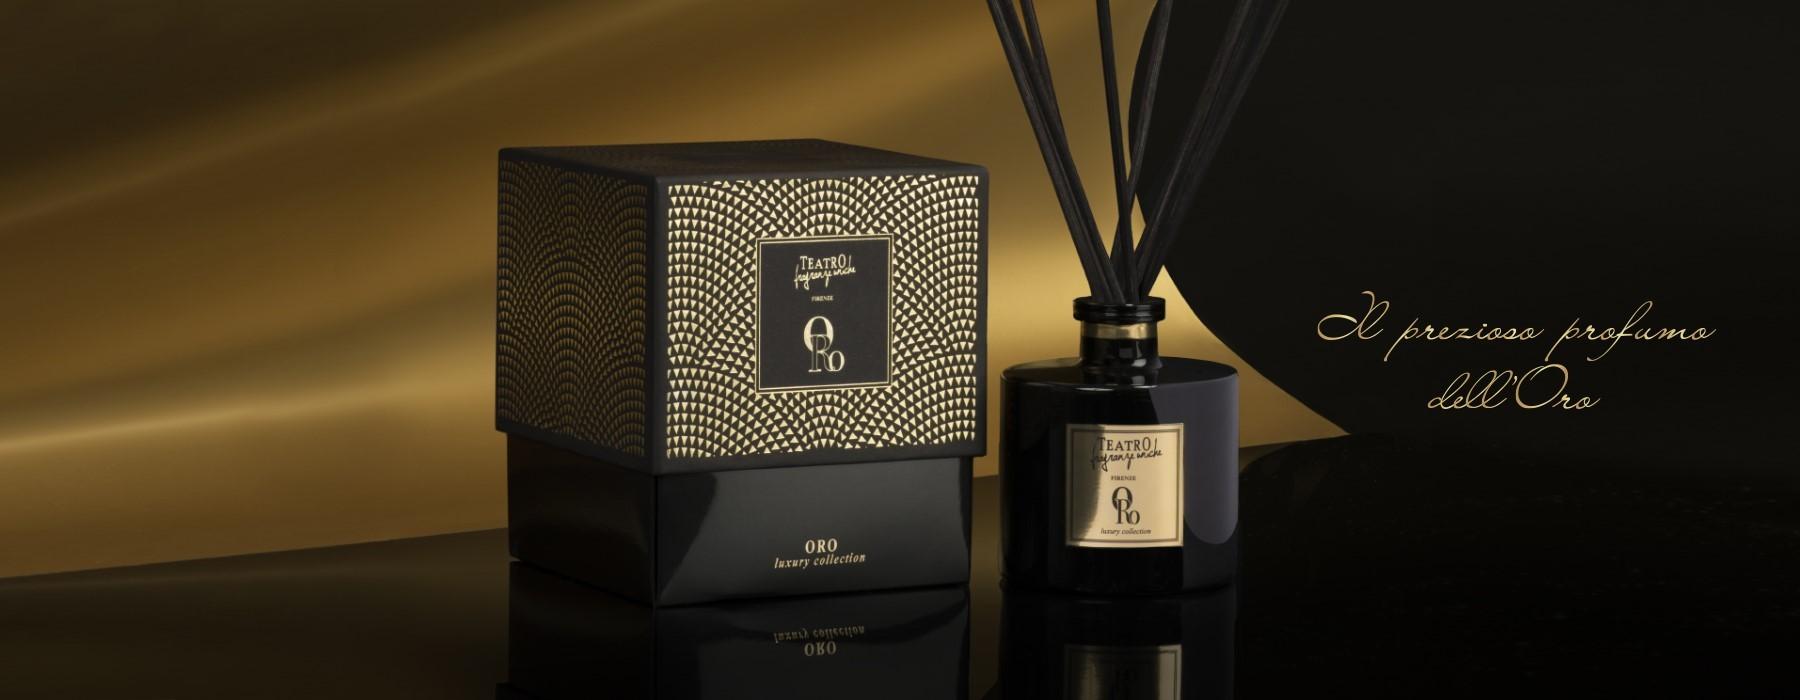 Oro - la nuova fragranza